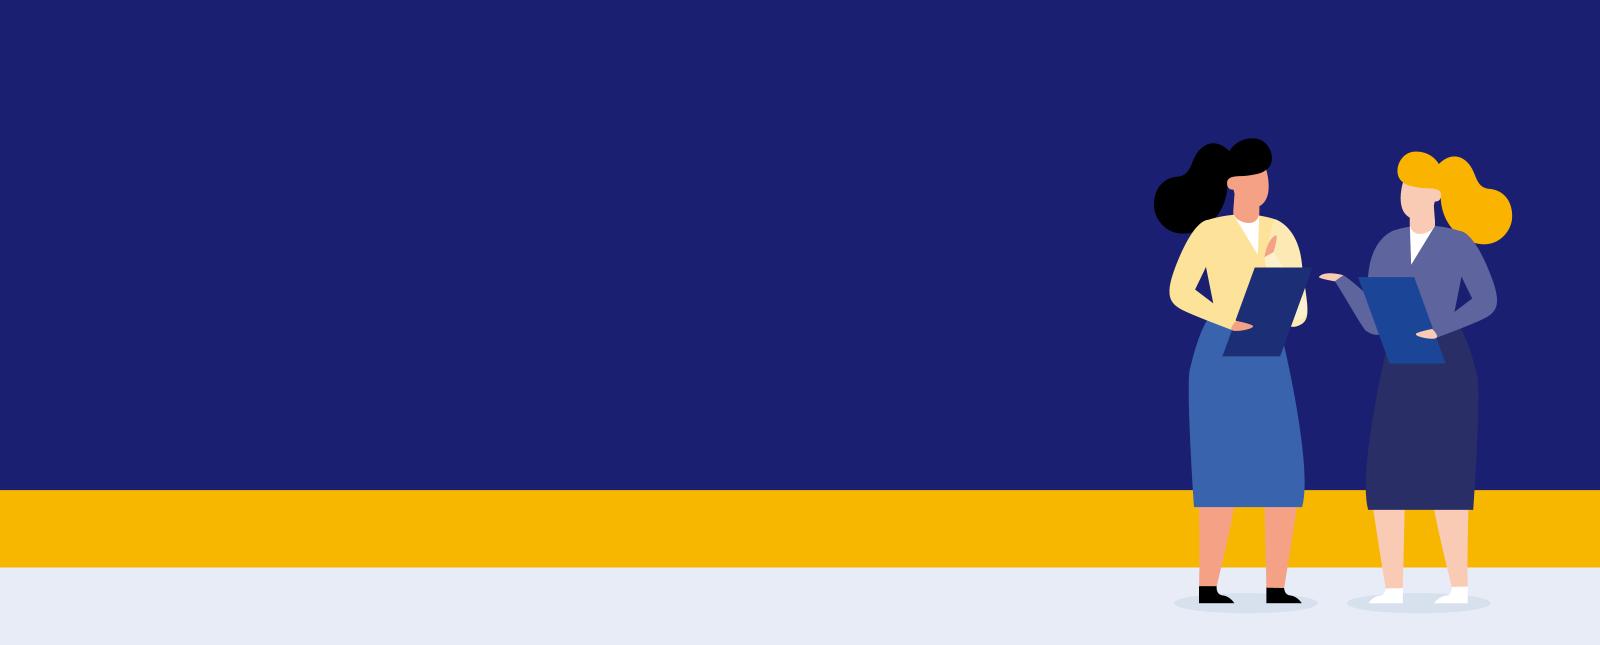 IC Visa coronavirus banner